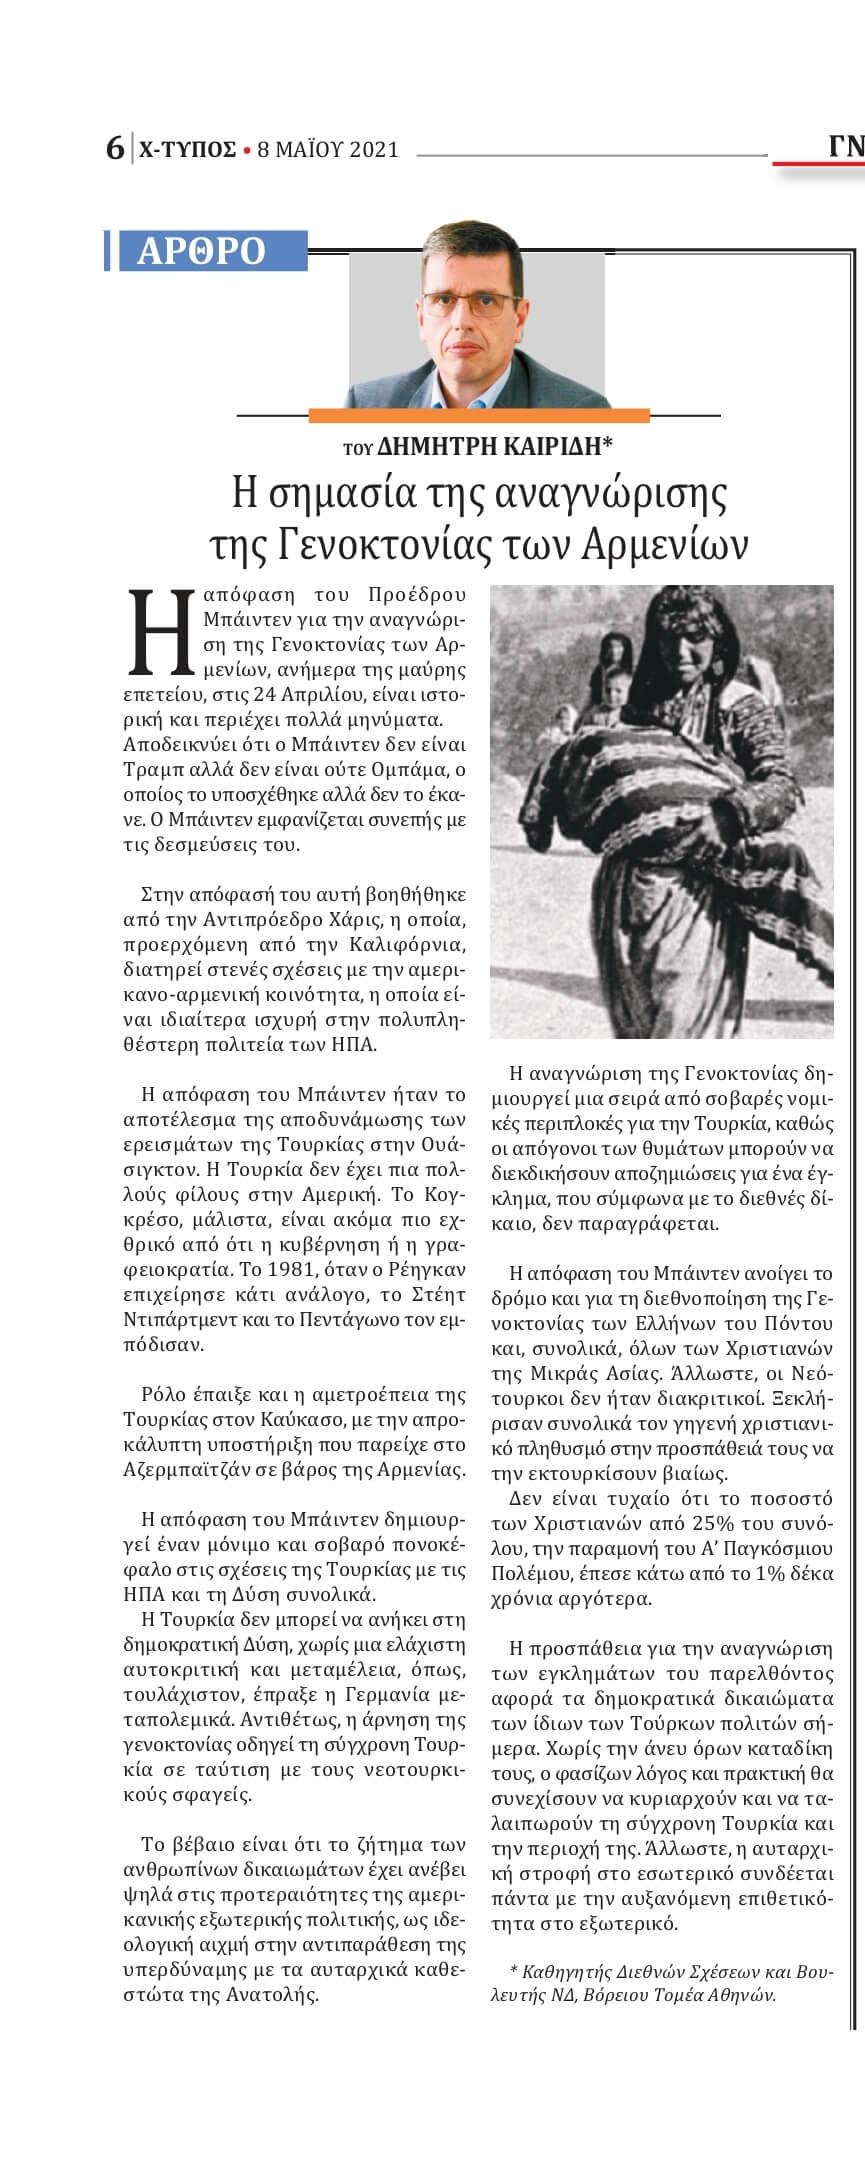 Η σημασία της αναγνώρισης της Γενοκτονίας των Αρμενίων (Χ-ΤΥΠΟΣ)